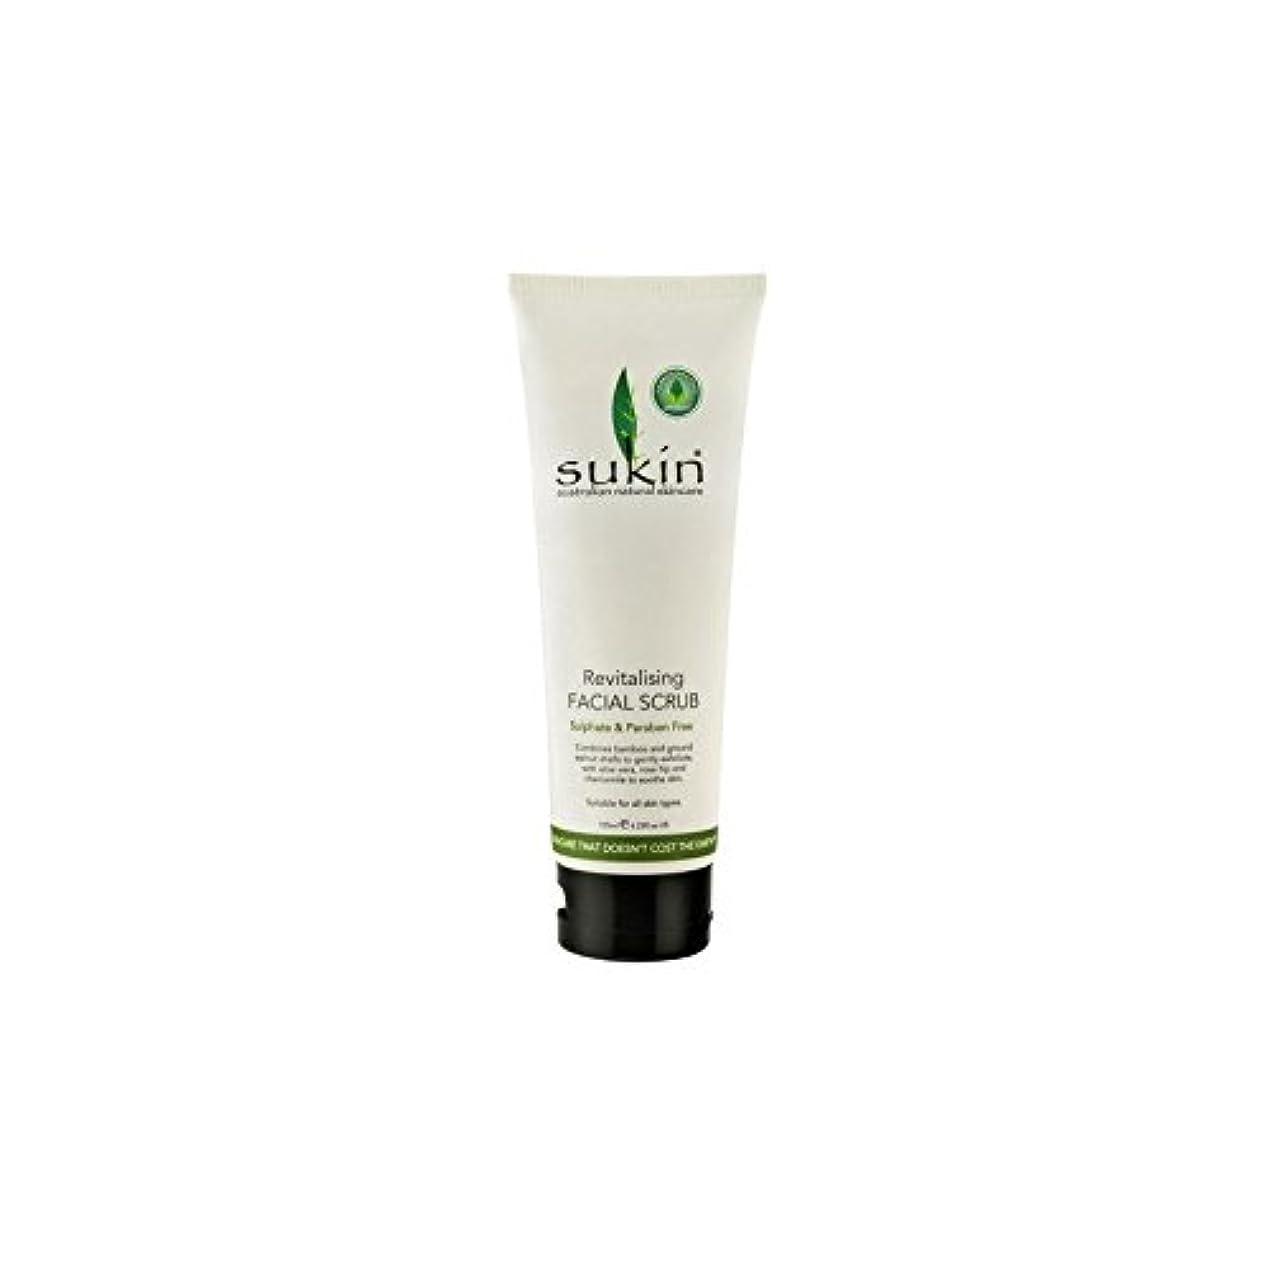 Sukin Revitalising Facial Scrub (125ml) - フェイシャルスクラブの活性化(125ミリリットル) [並行輸入品]